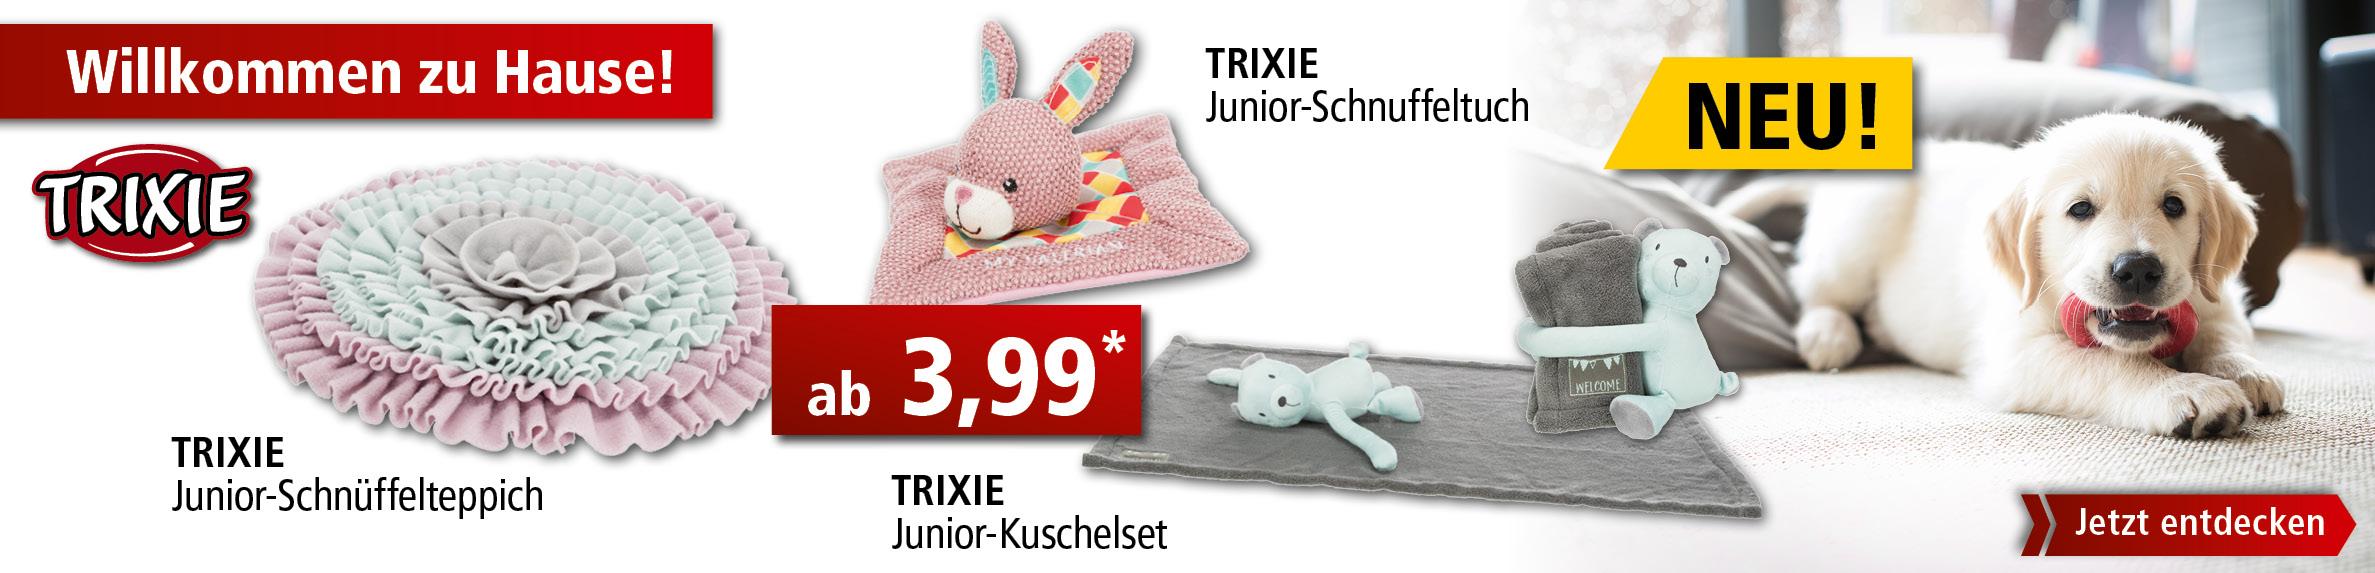 2_Startseite Trixie Junior Neuheiten